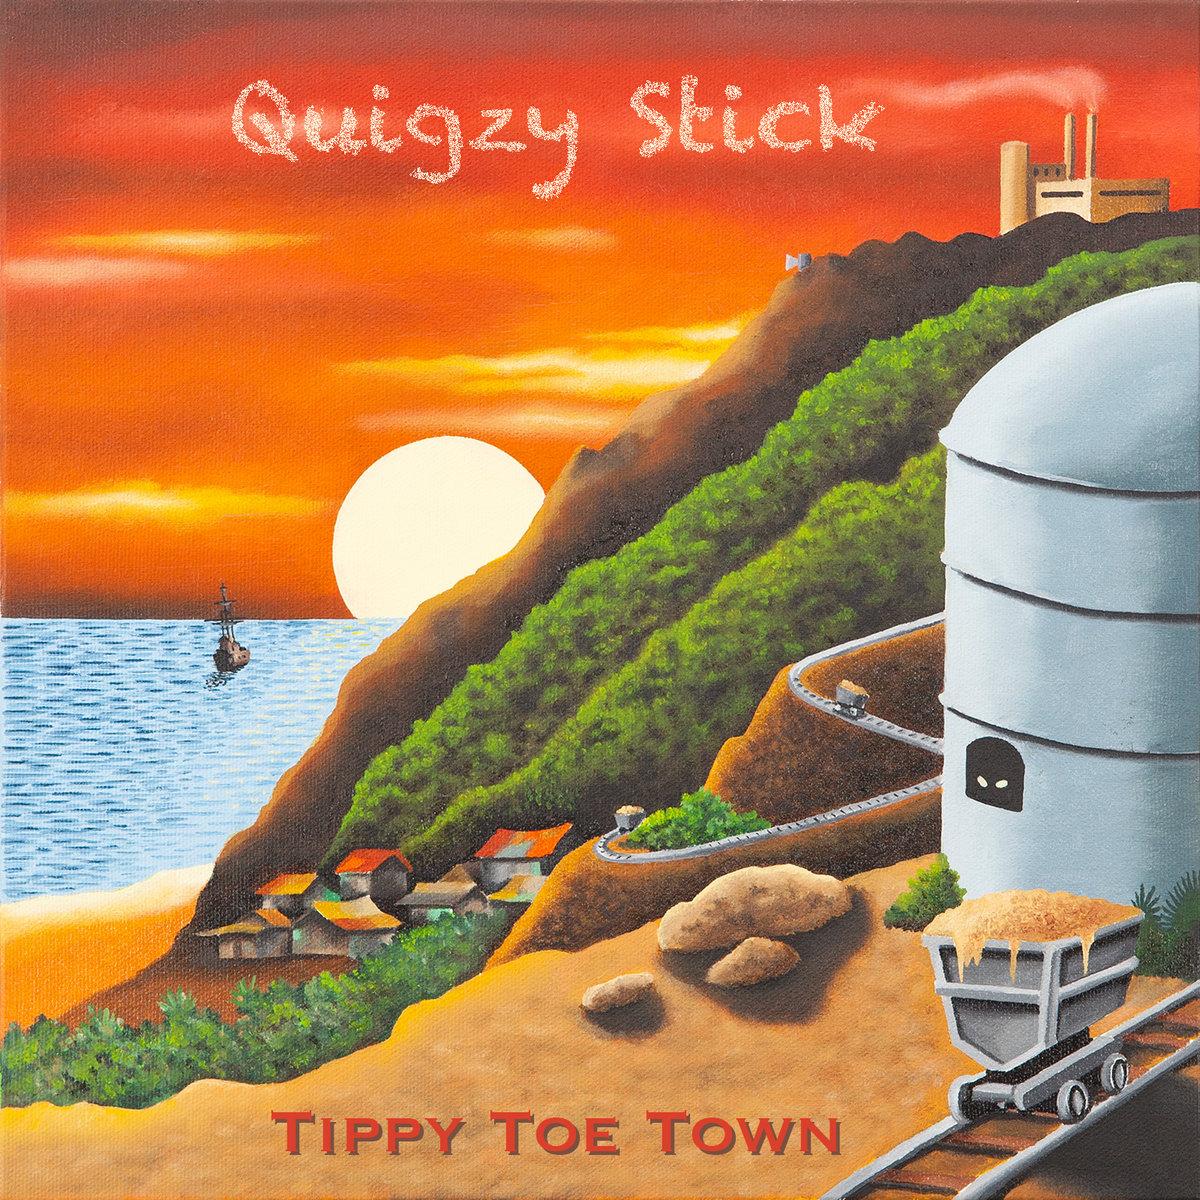 Quigzy Stick